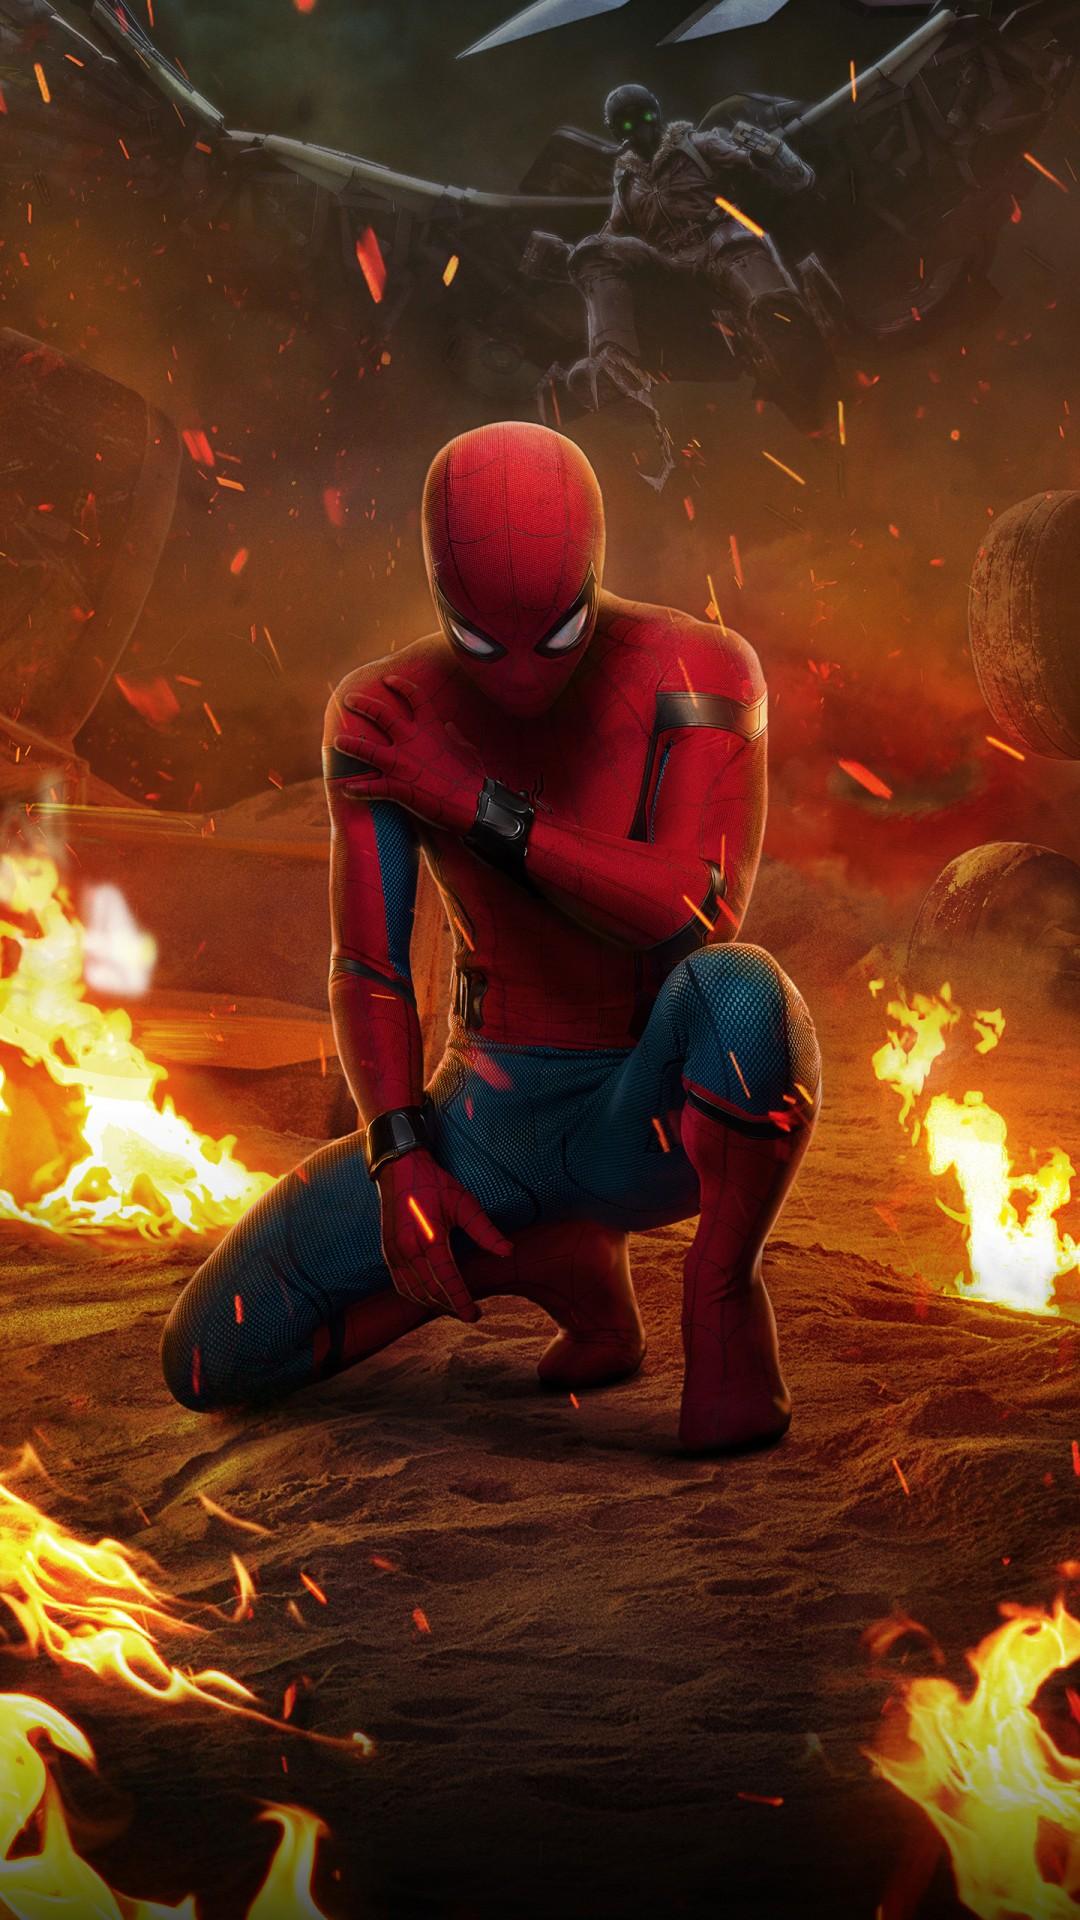 Spiderman Hd Wallpaper Spider Man Homecoming Imax China Wallpapers Hd